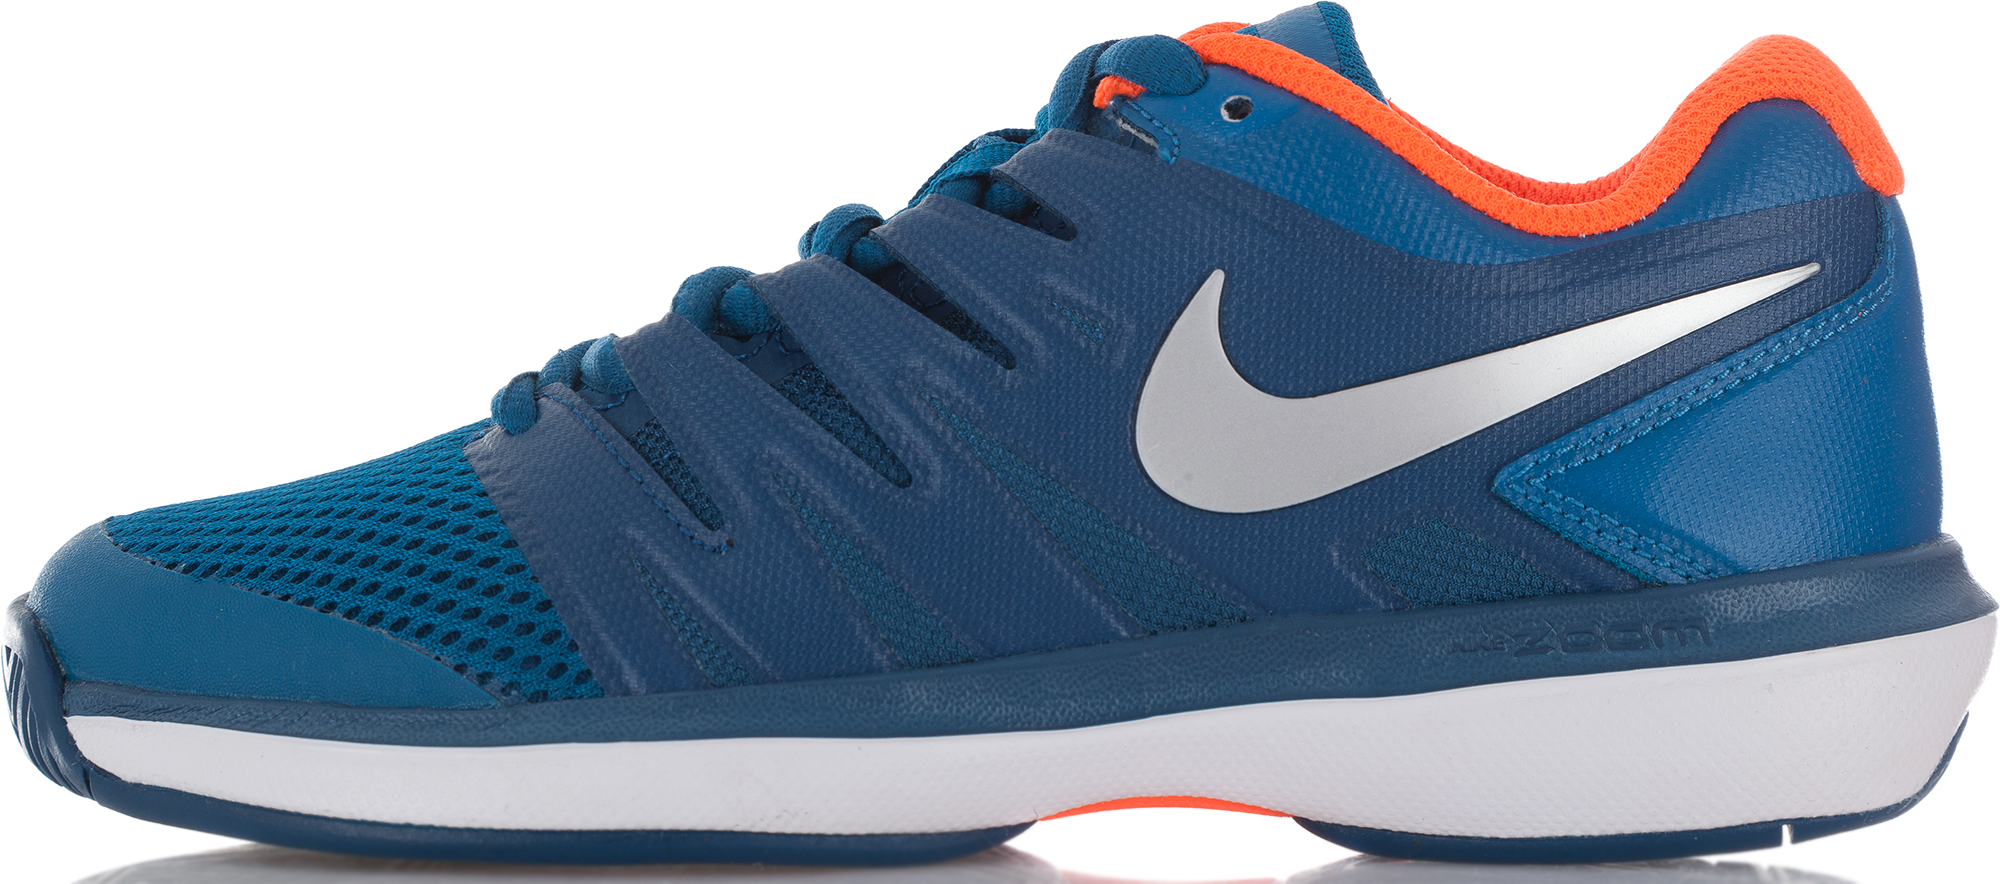 Nike Кроссовки для мальчиков Nike Air Zoom Prestige Hc, размер 38